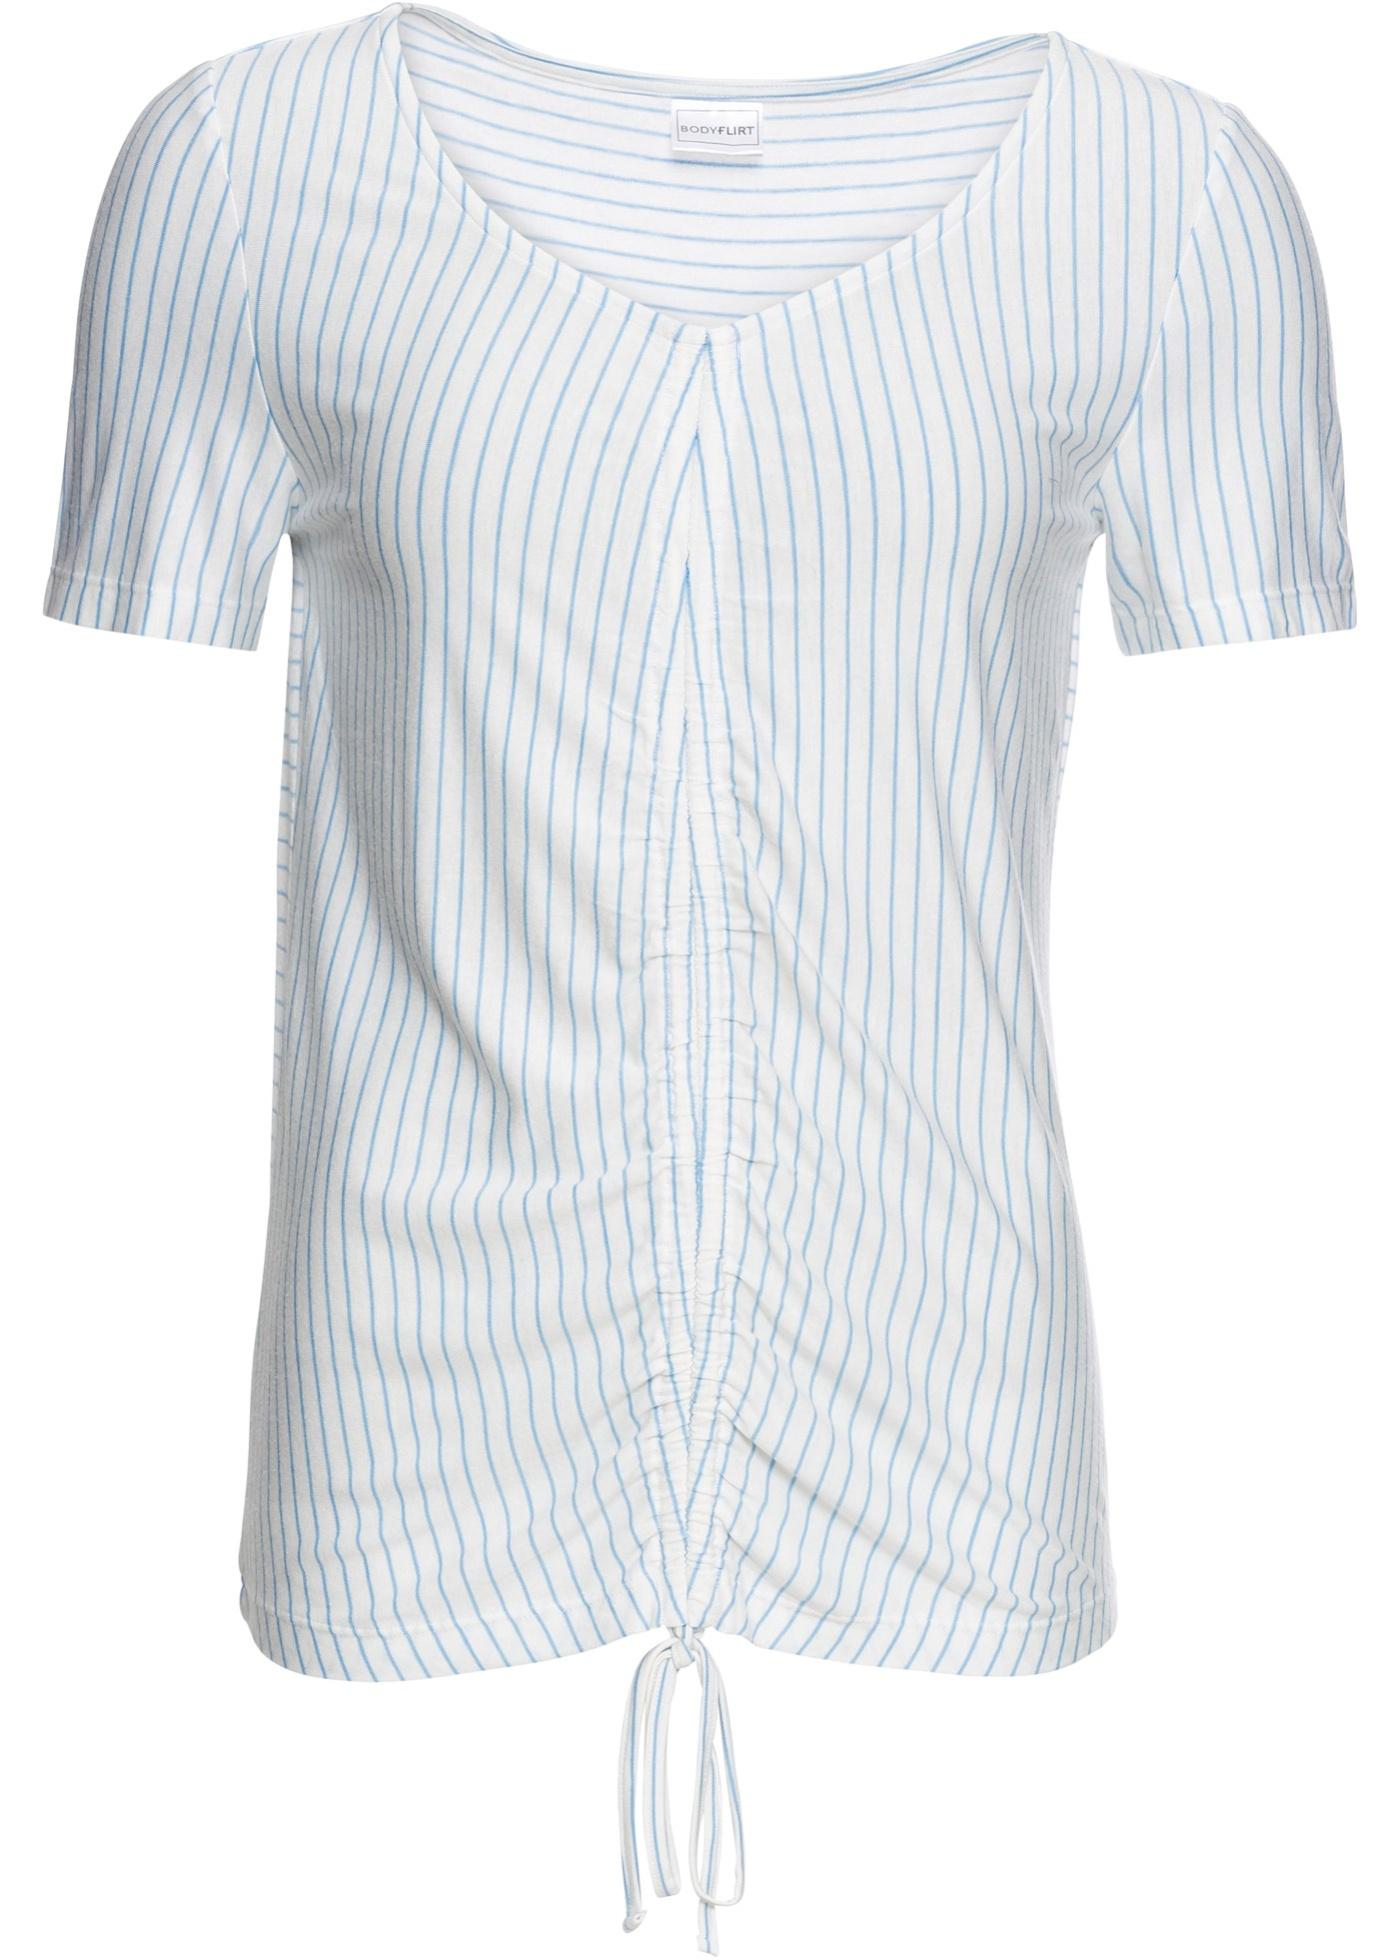 Femme Fronces Bodyflirt Pour Blanc Manches BonprixT shirt À Courtes VpqUzMSG